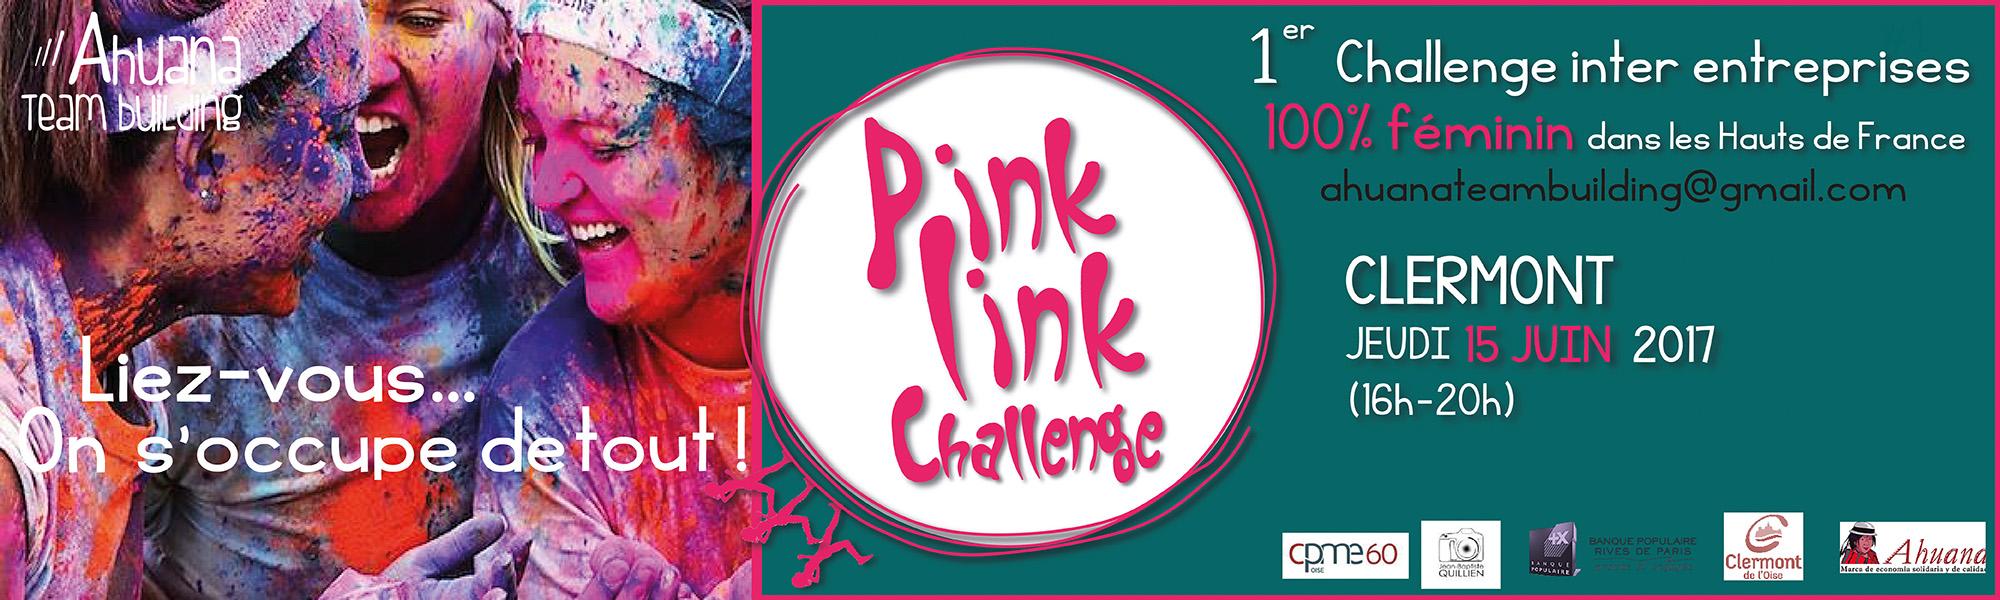 Pink Link Challenge – Challenge inter entreprises 100 % féminin - jeudi 15 juin 2017